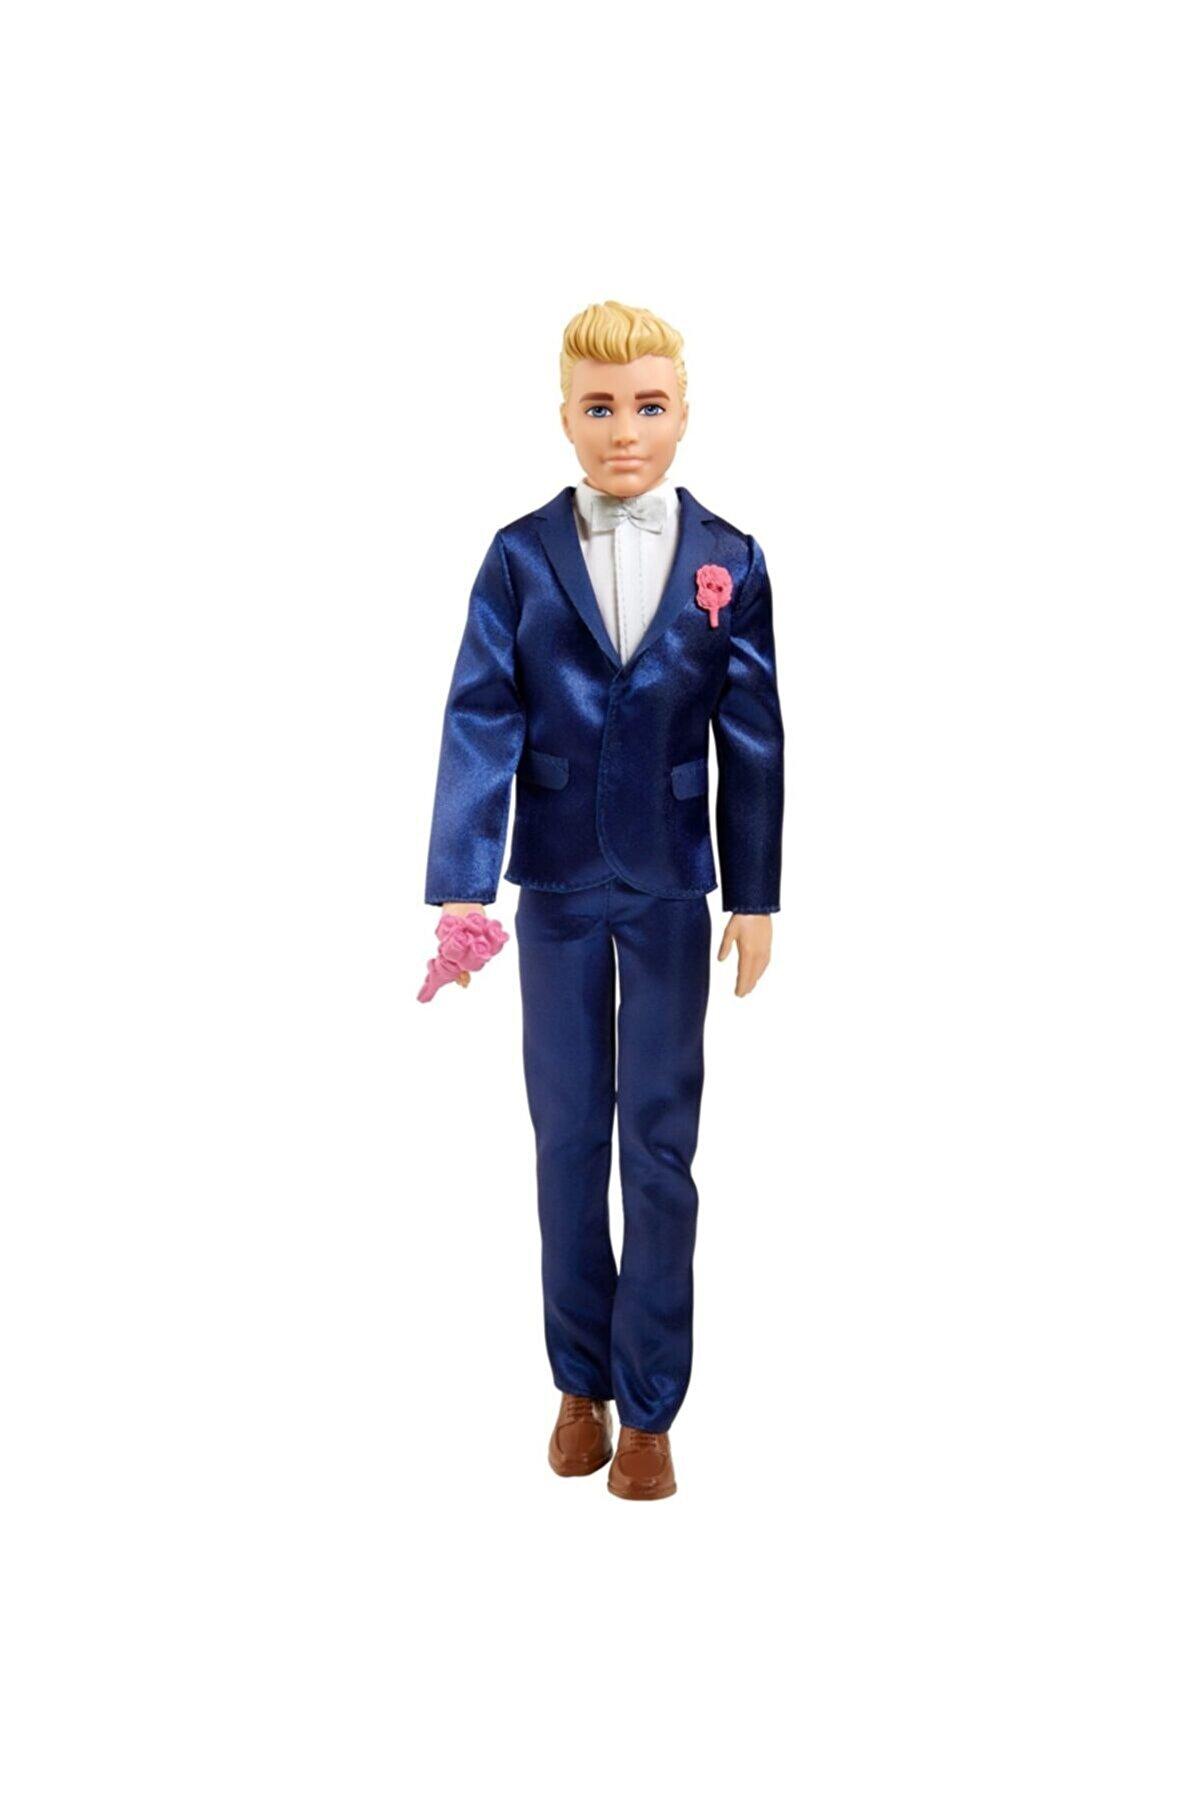 Barbie Orjinal Damat Ken Bebek Takım Elbiseli Ken Damat Bebek Gtf36